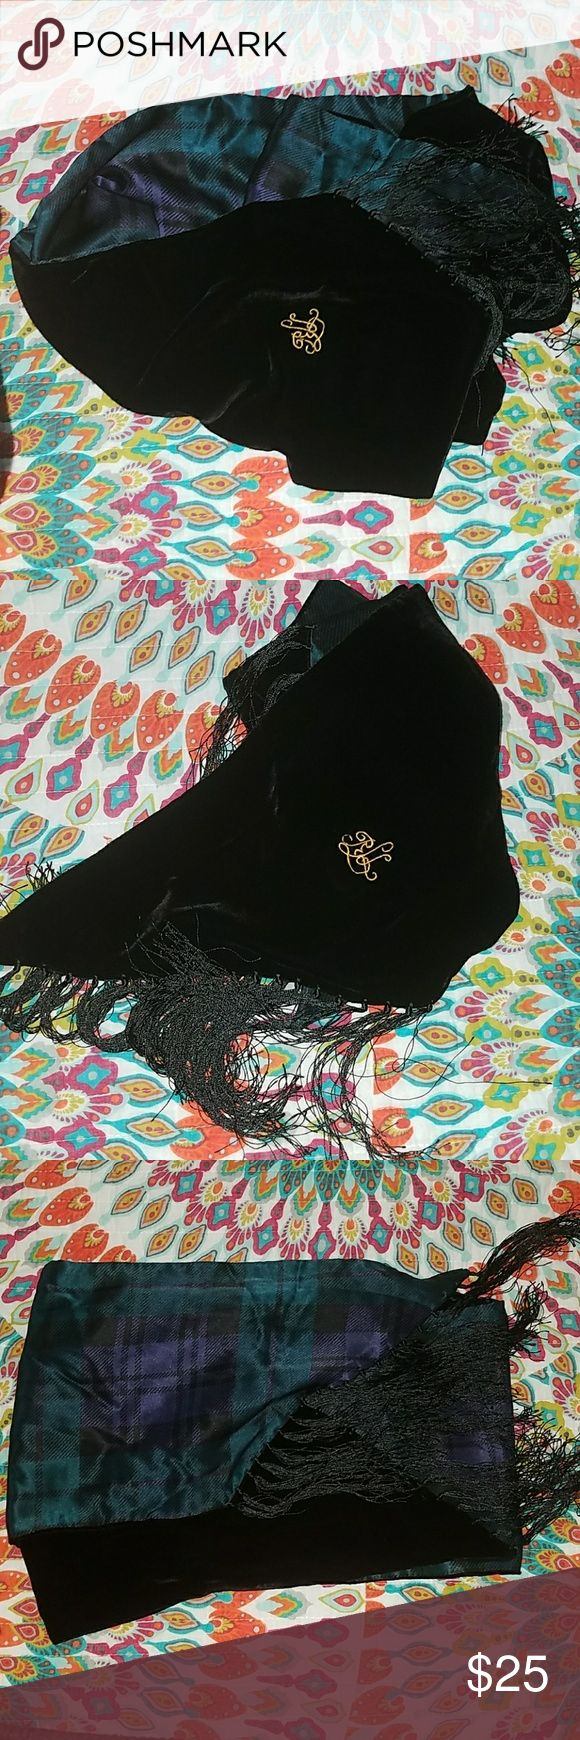 Lauren Ralph Lauren Black Velvet Scarf Black & plaid with tassels Lauren Ralph Lauren Accessories Scarves & Wraps